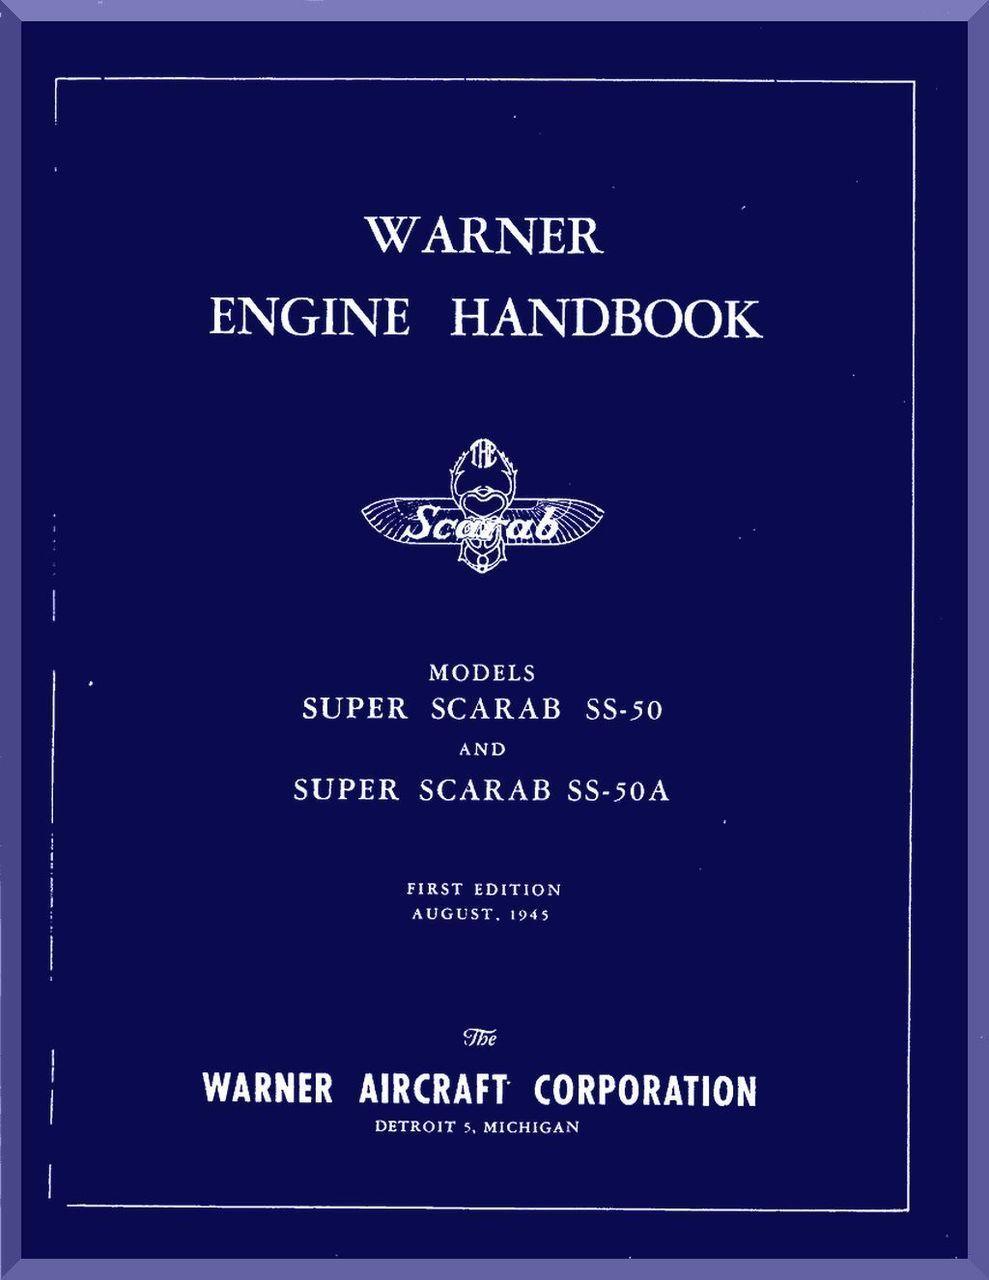 warner super scarab ss 50 aircraft engine handbook manual english language aircraft reports aircraft manuals aircraft helicopter engines - Blueprint Aircraft Engines